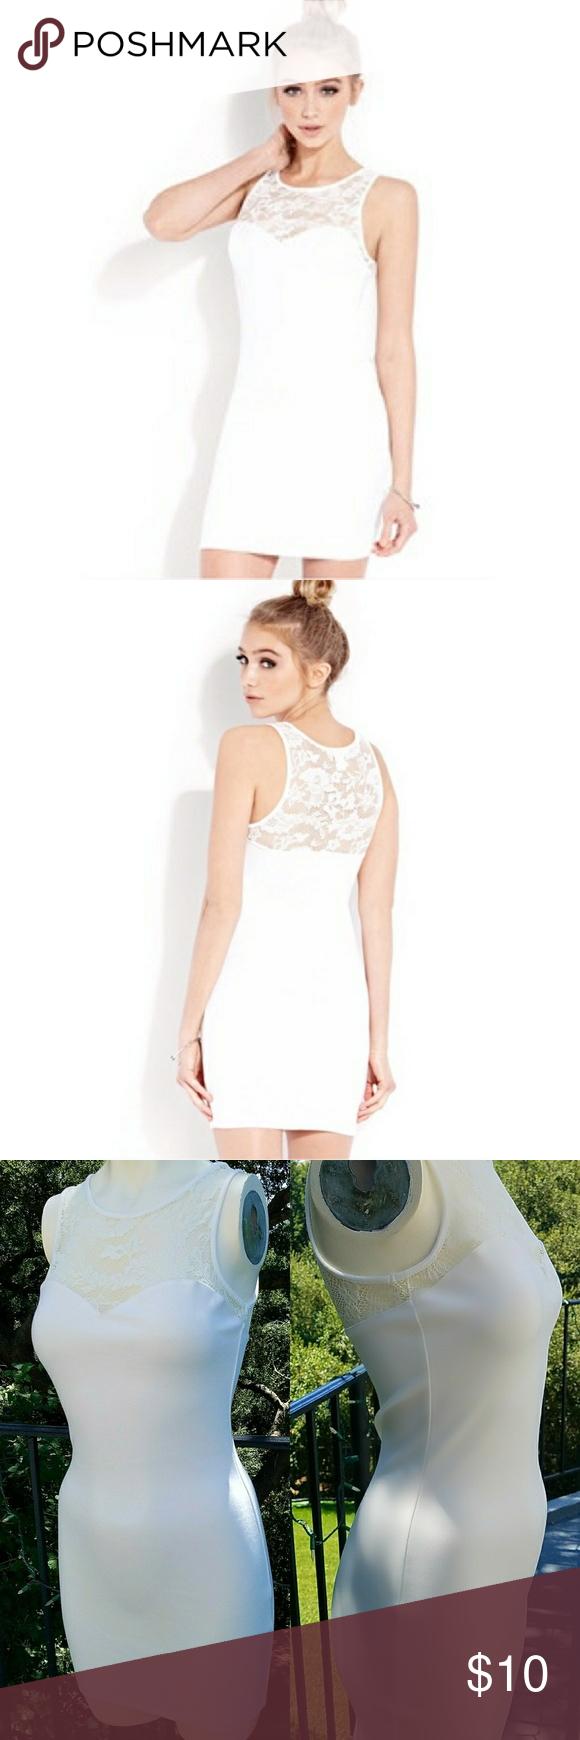 30 Inch Mini Dress